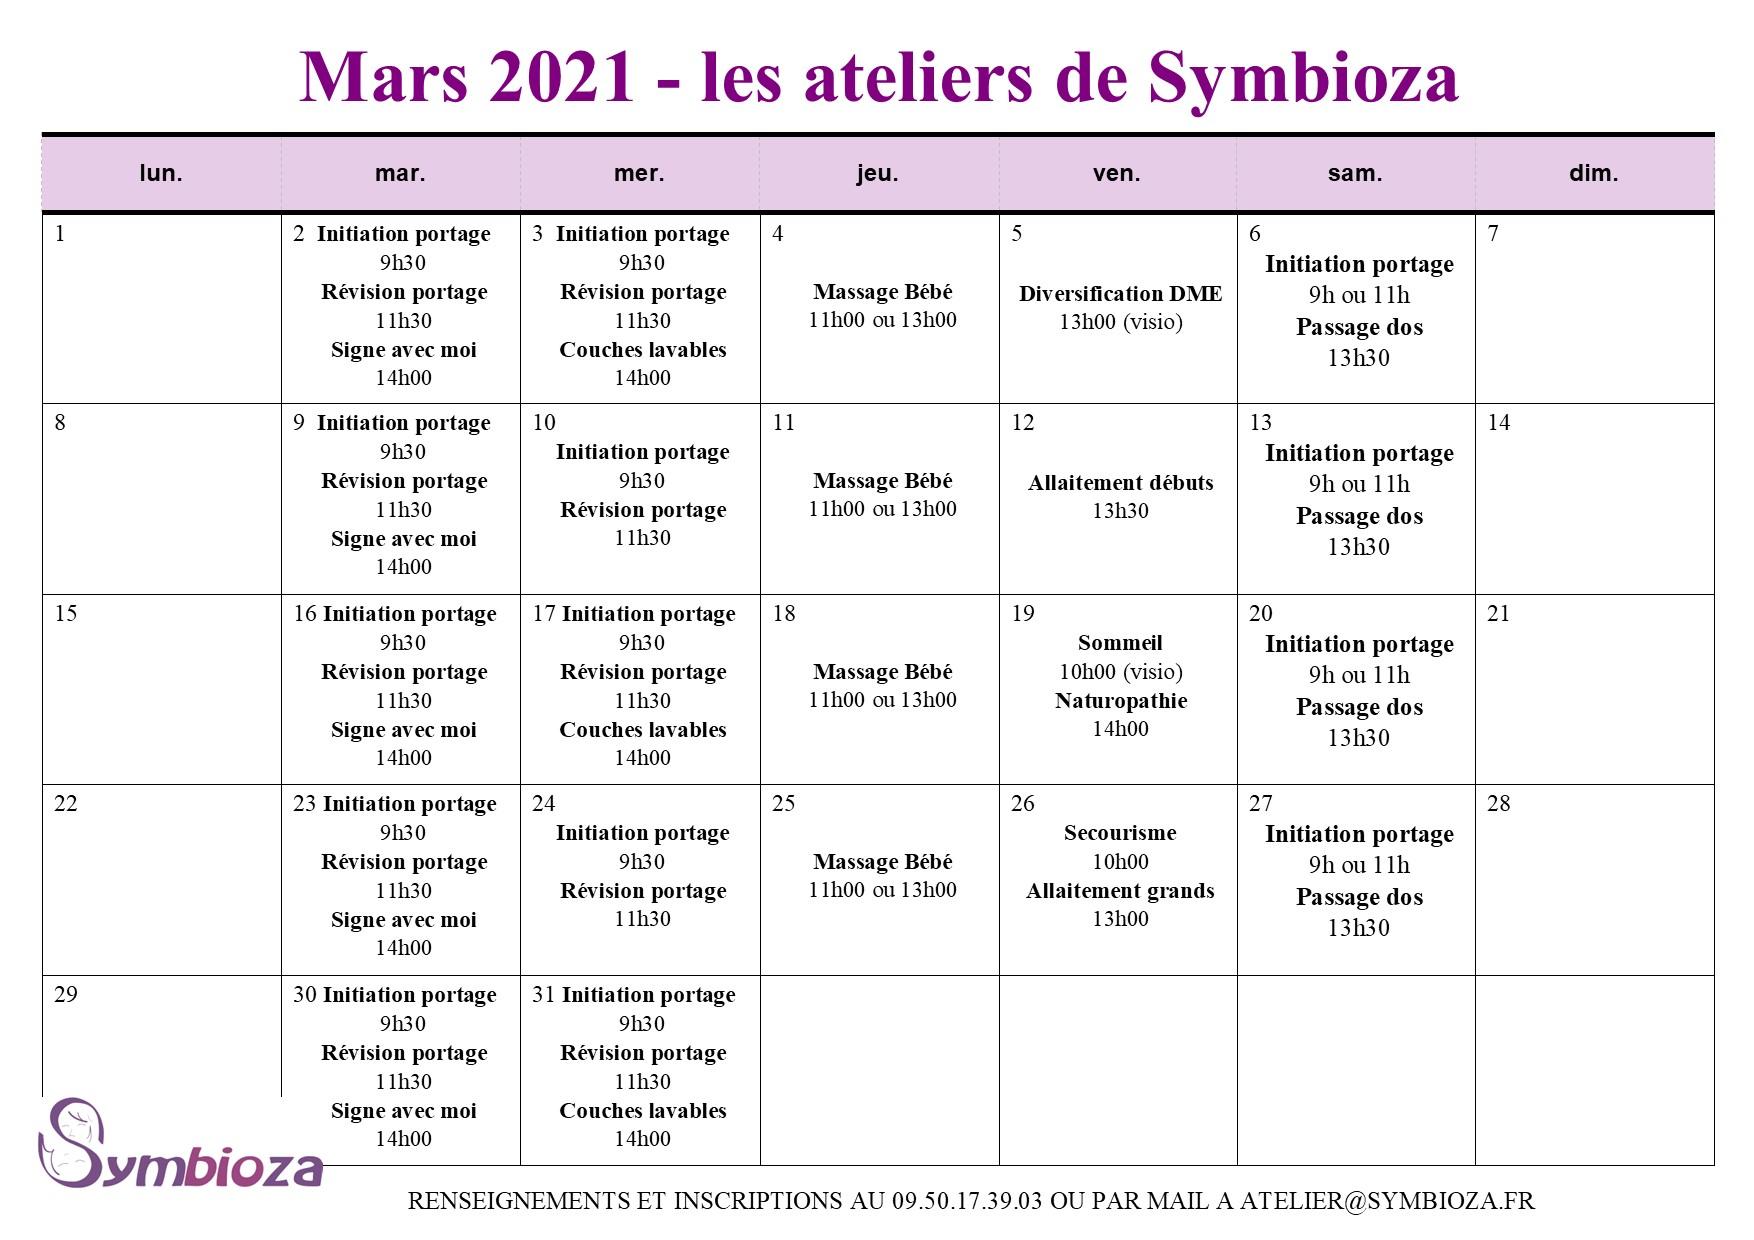 Les ateliers de mars 2021